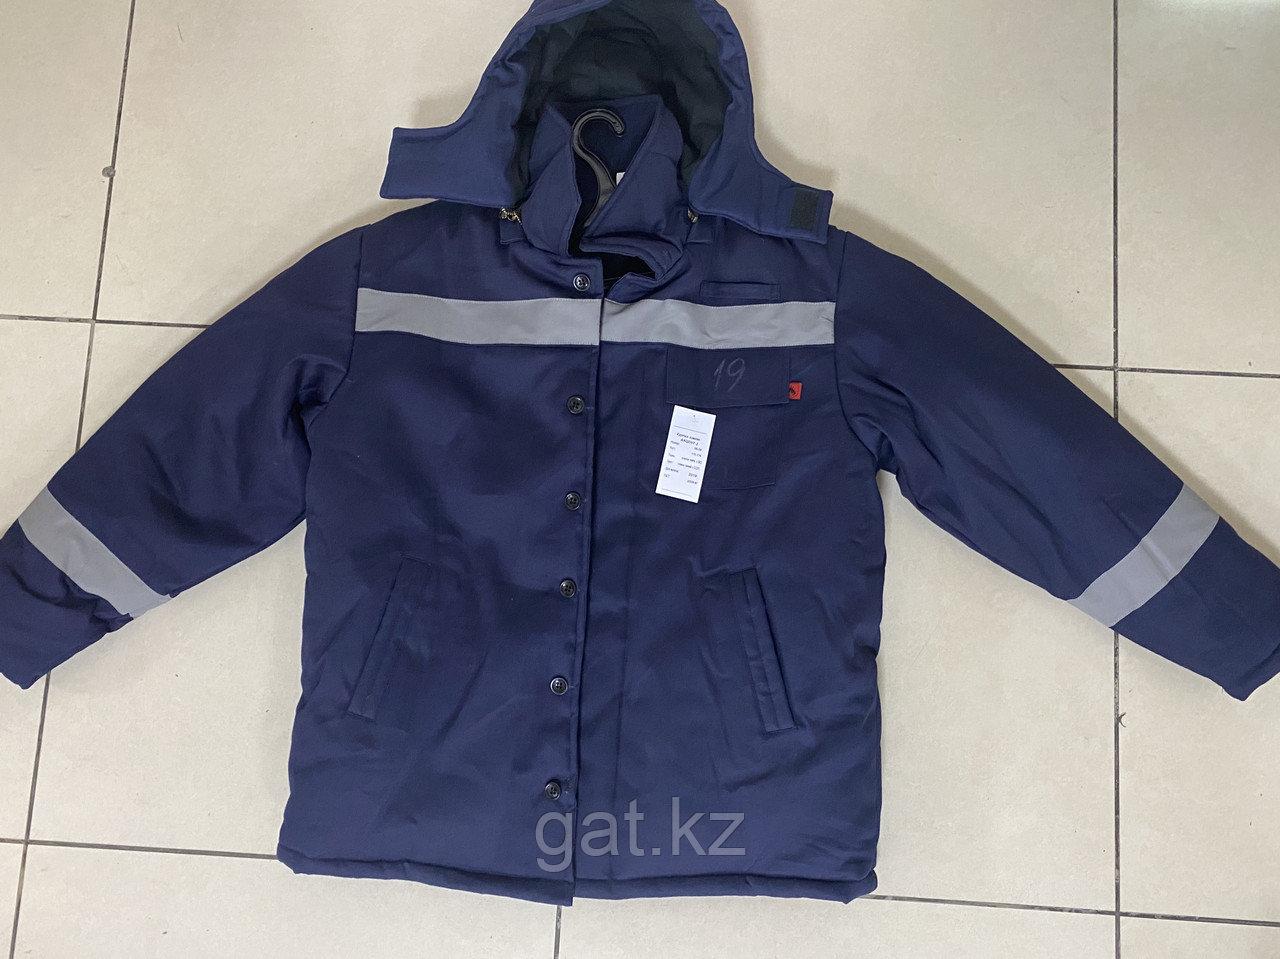 Огнеупорная зимняя куртка - фото 1